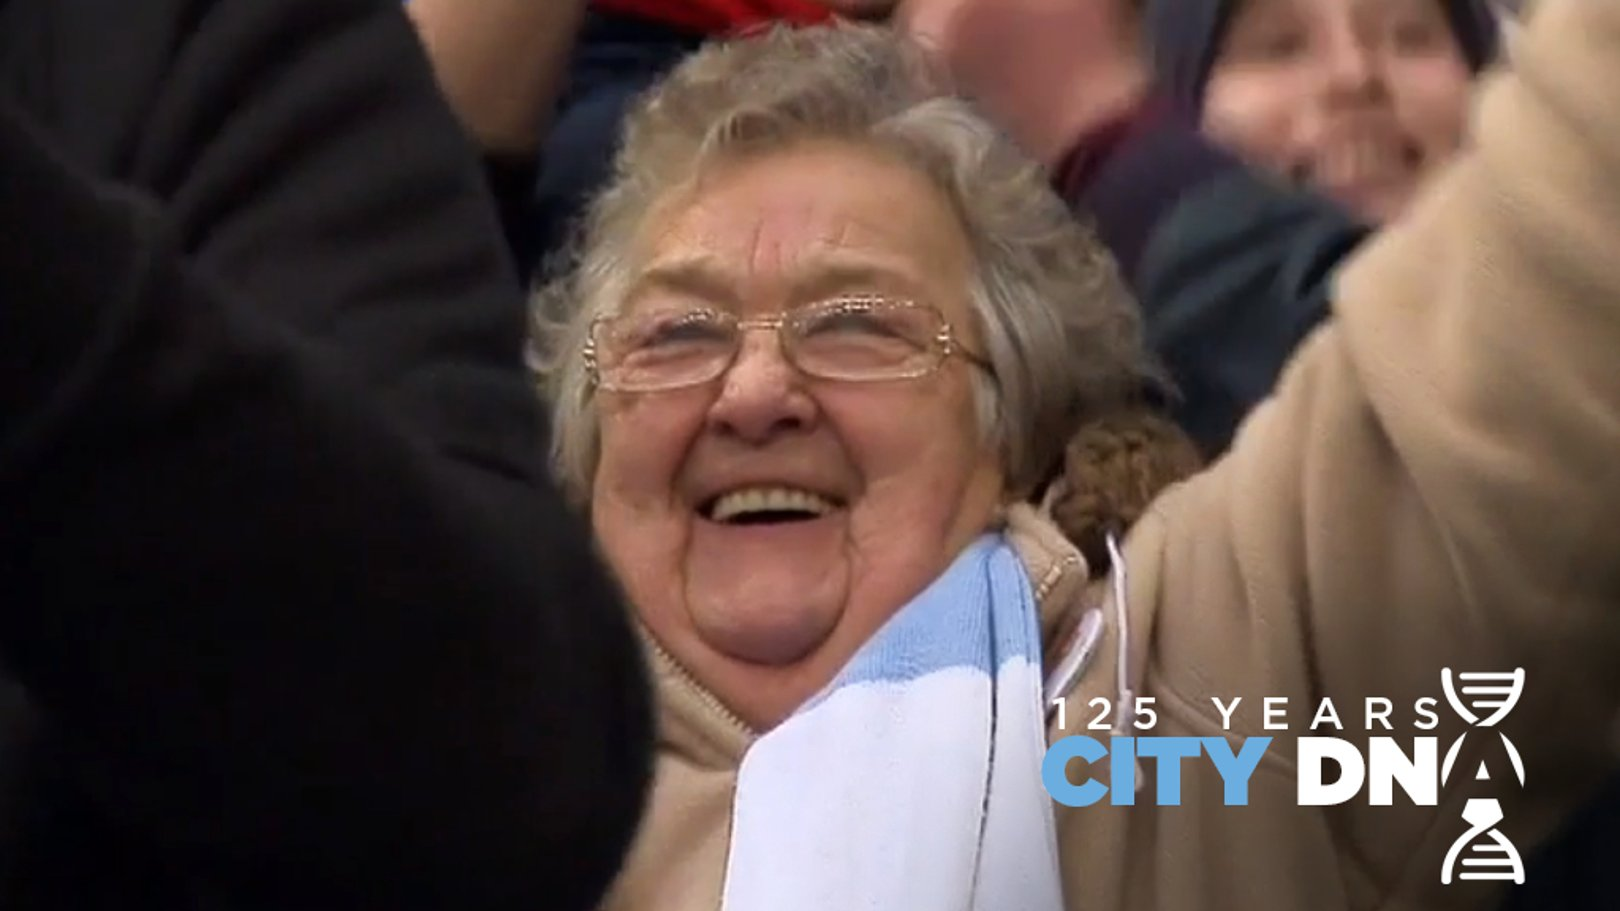 City DNA #101: Our beloved 'Poznan Gran'